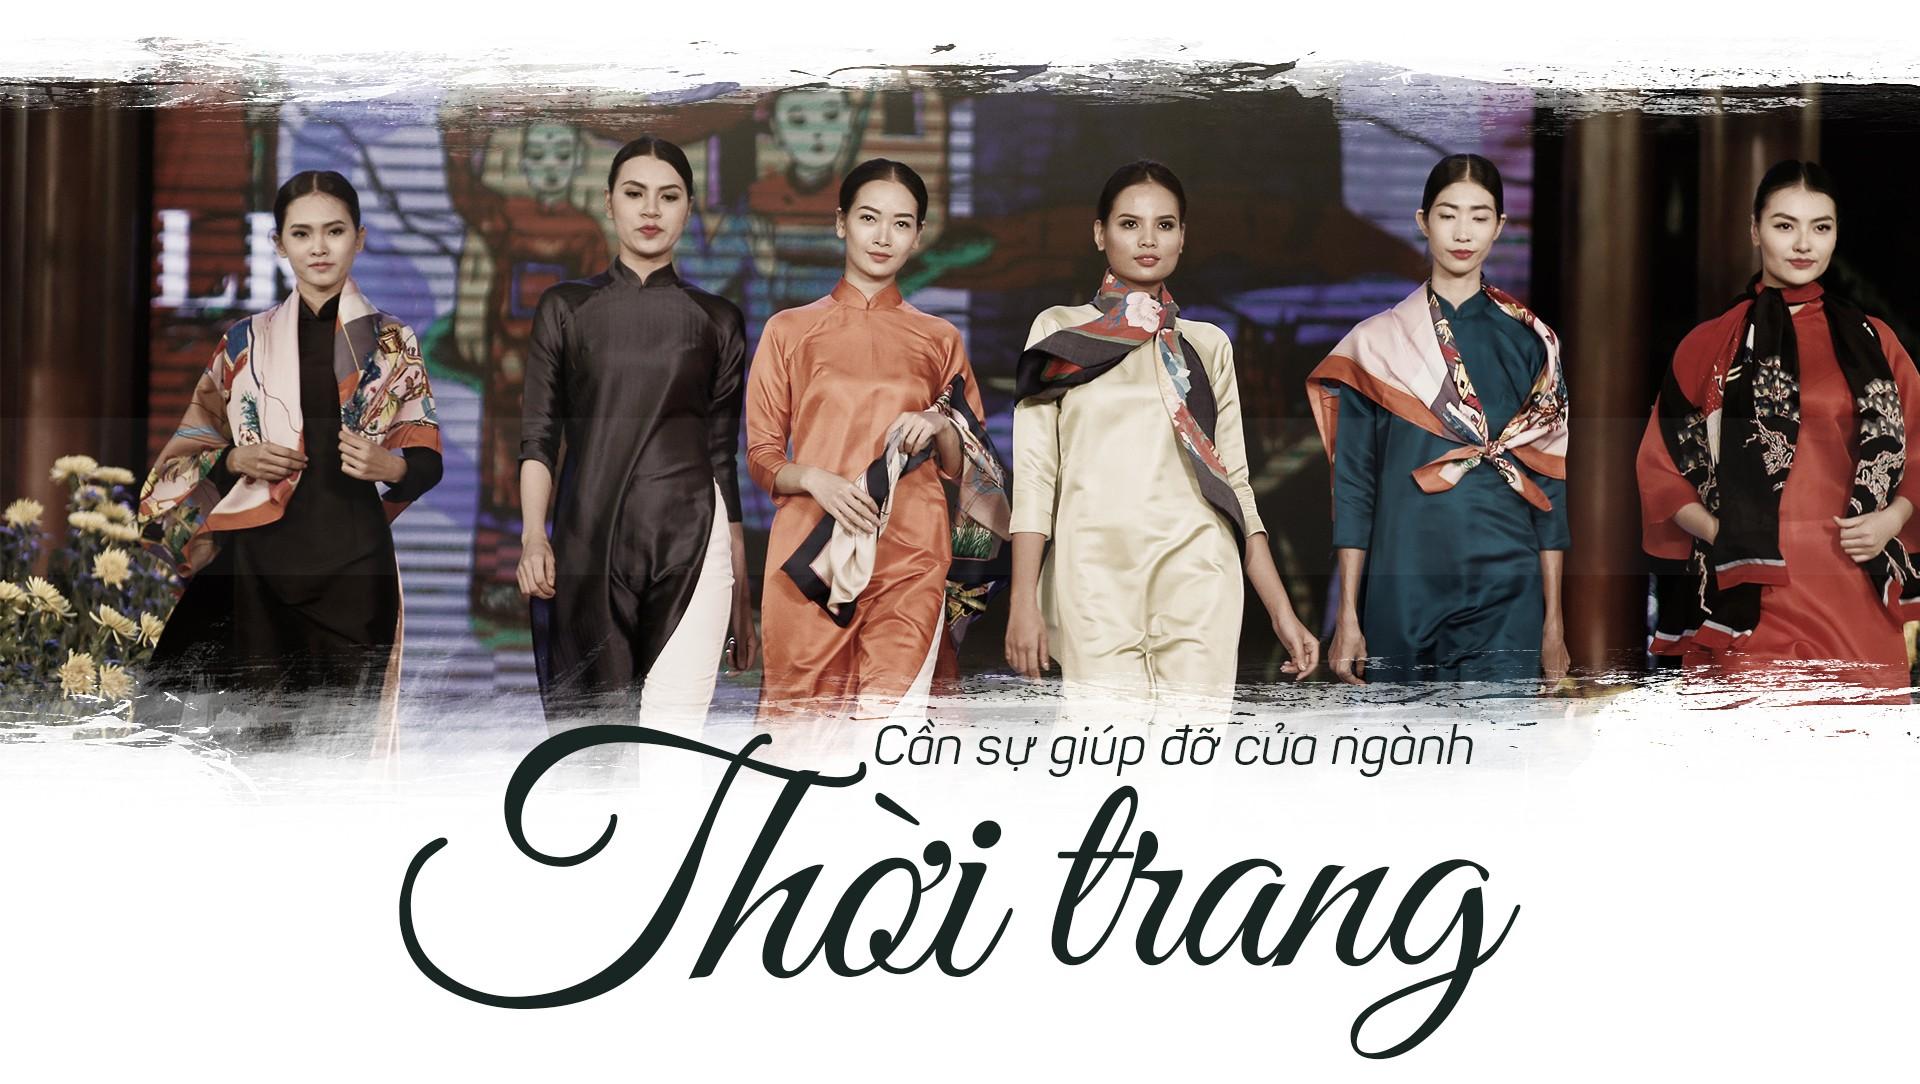 Tơ lụa Việt Nam: Sứ mệnh mới của thủ phủ tơ tằm Bảo Lộc - Ảnh 6.